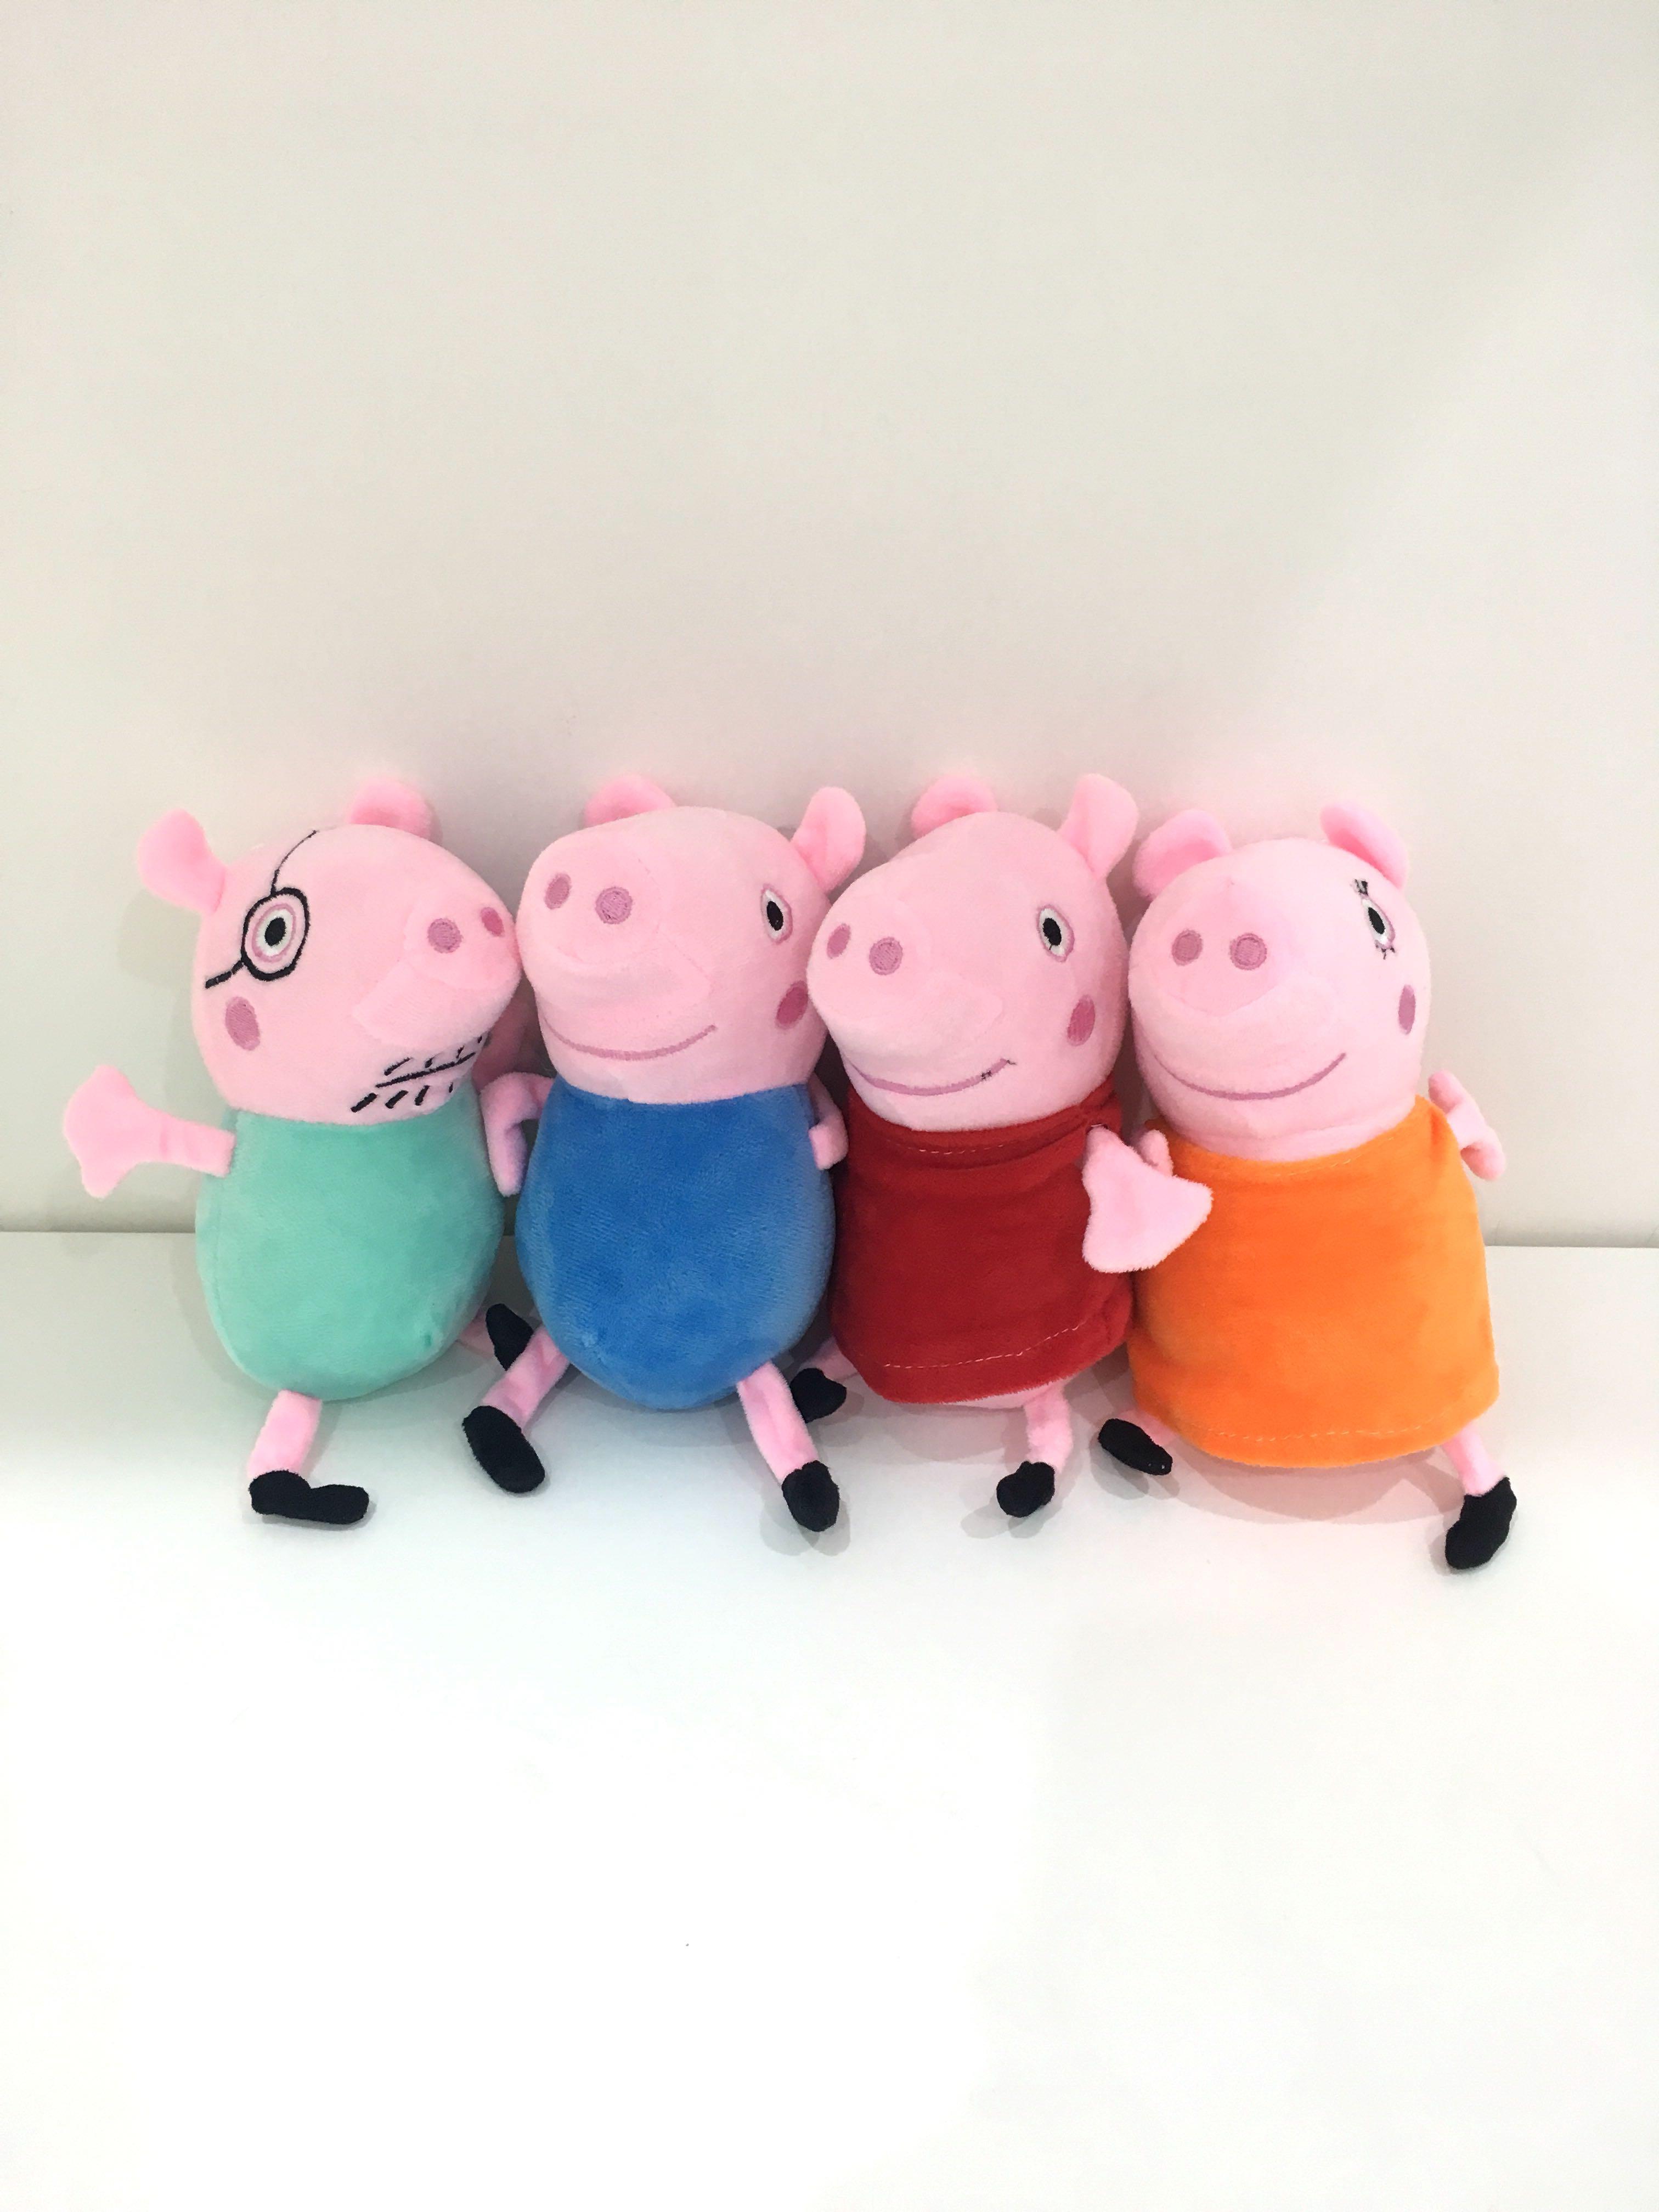 佩佩豬家族🐷爸爸豬媽媽豬喬治豬 大概18公分 想購買單隻可以私訊